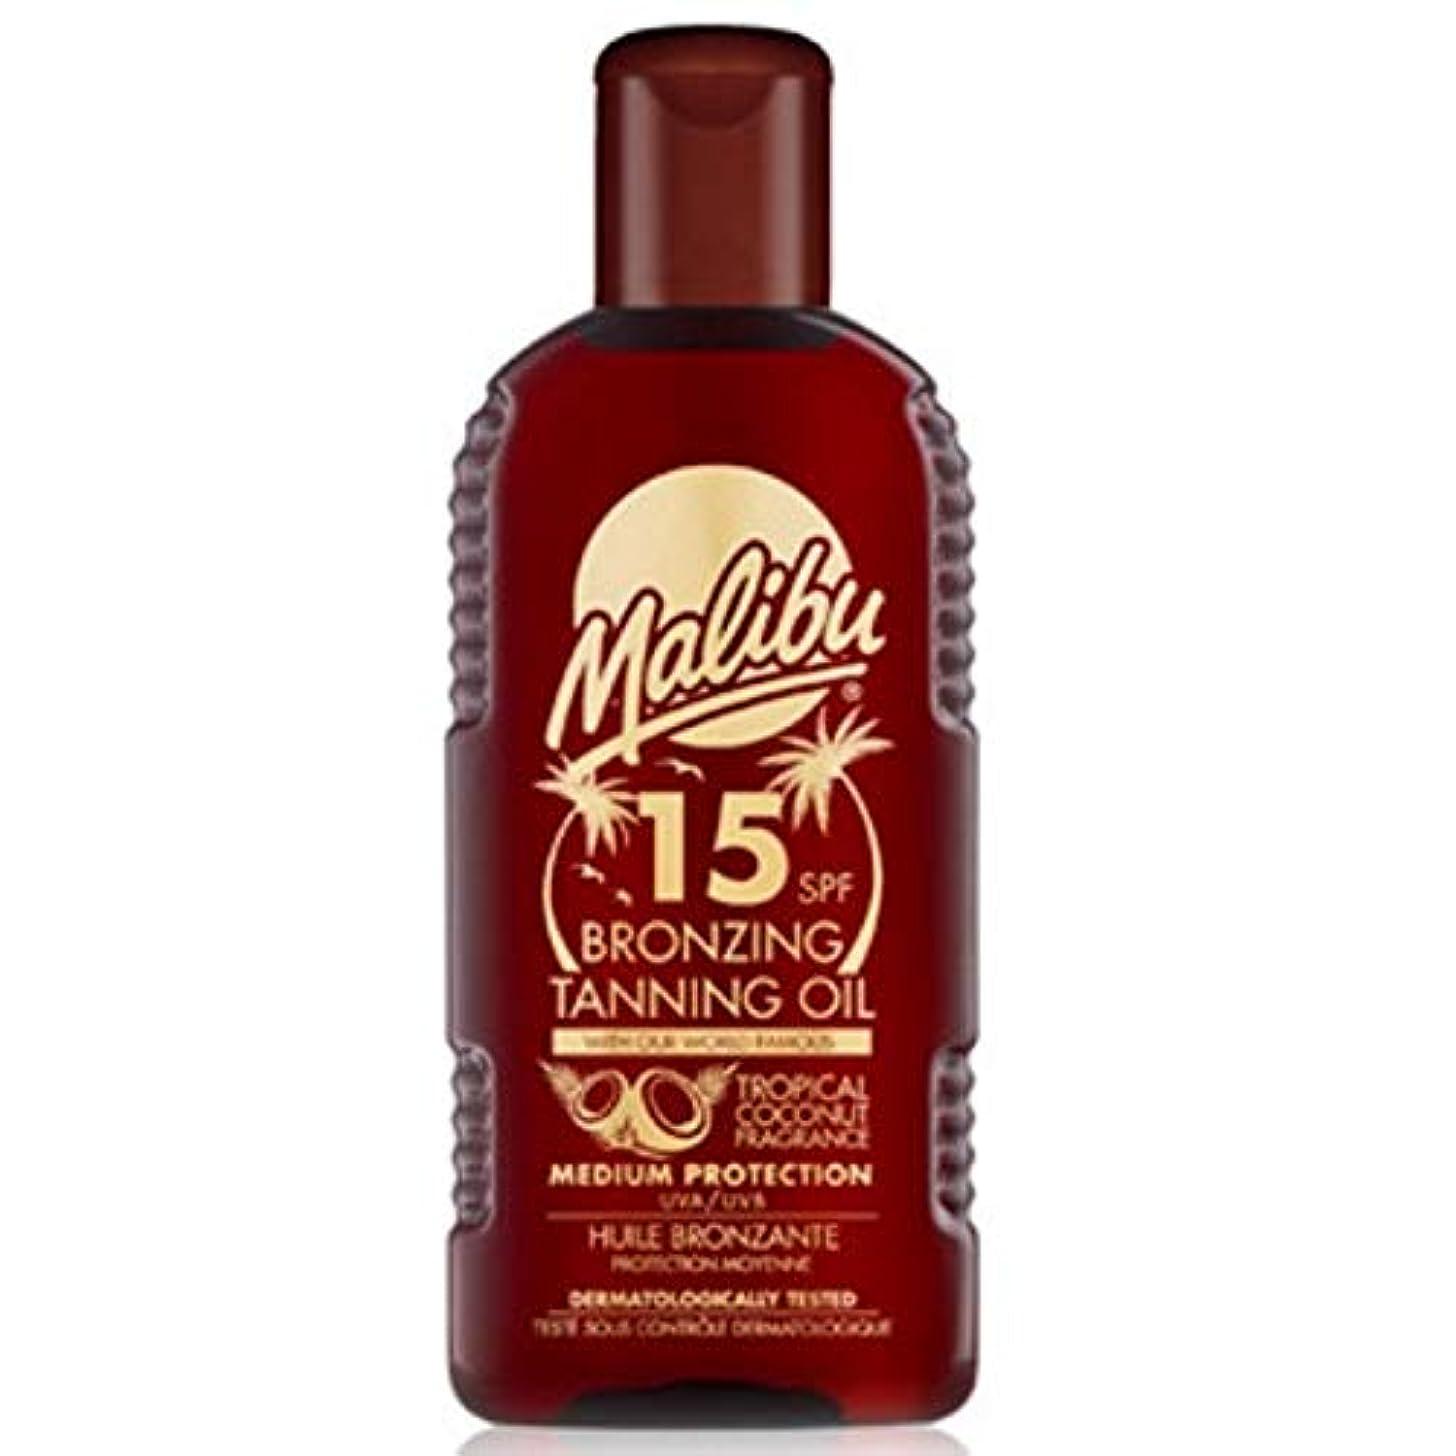 迫害ジョブ苛性[Malibu ] マリブブロンズ日焼けオイルSpf 15 - Malibu Bronzing Tanning Oil SPF 15 [並行輸入品]